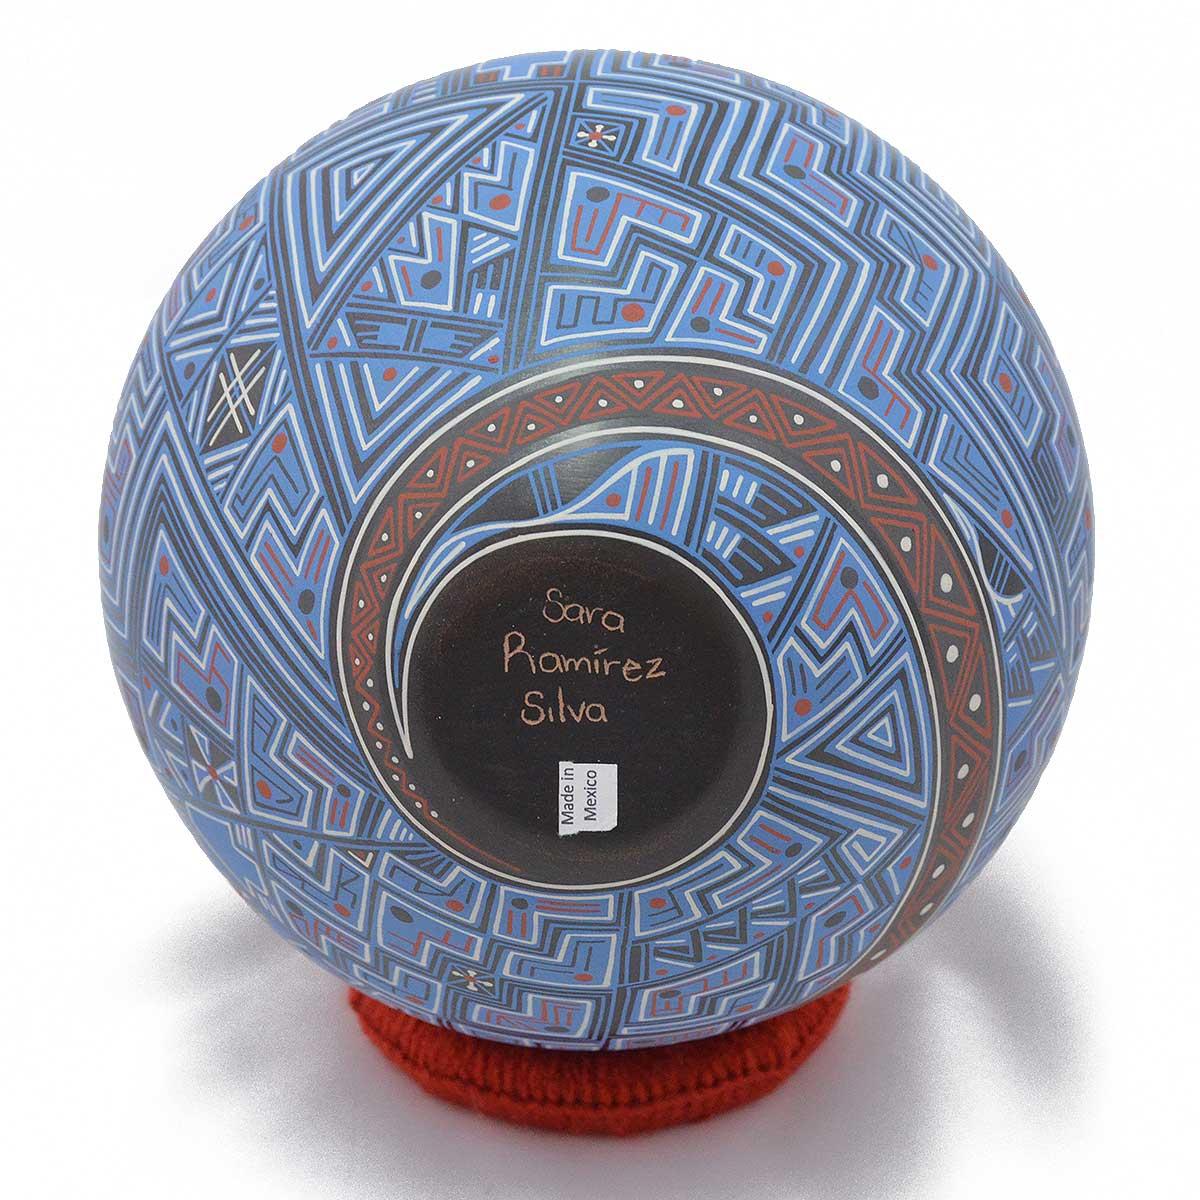 Sara Ramirez Silva Sara Ramirez Silva: Medium Abstract Paquime Mata Ortiz Pottery